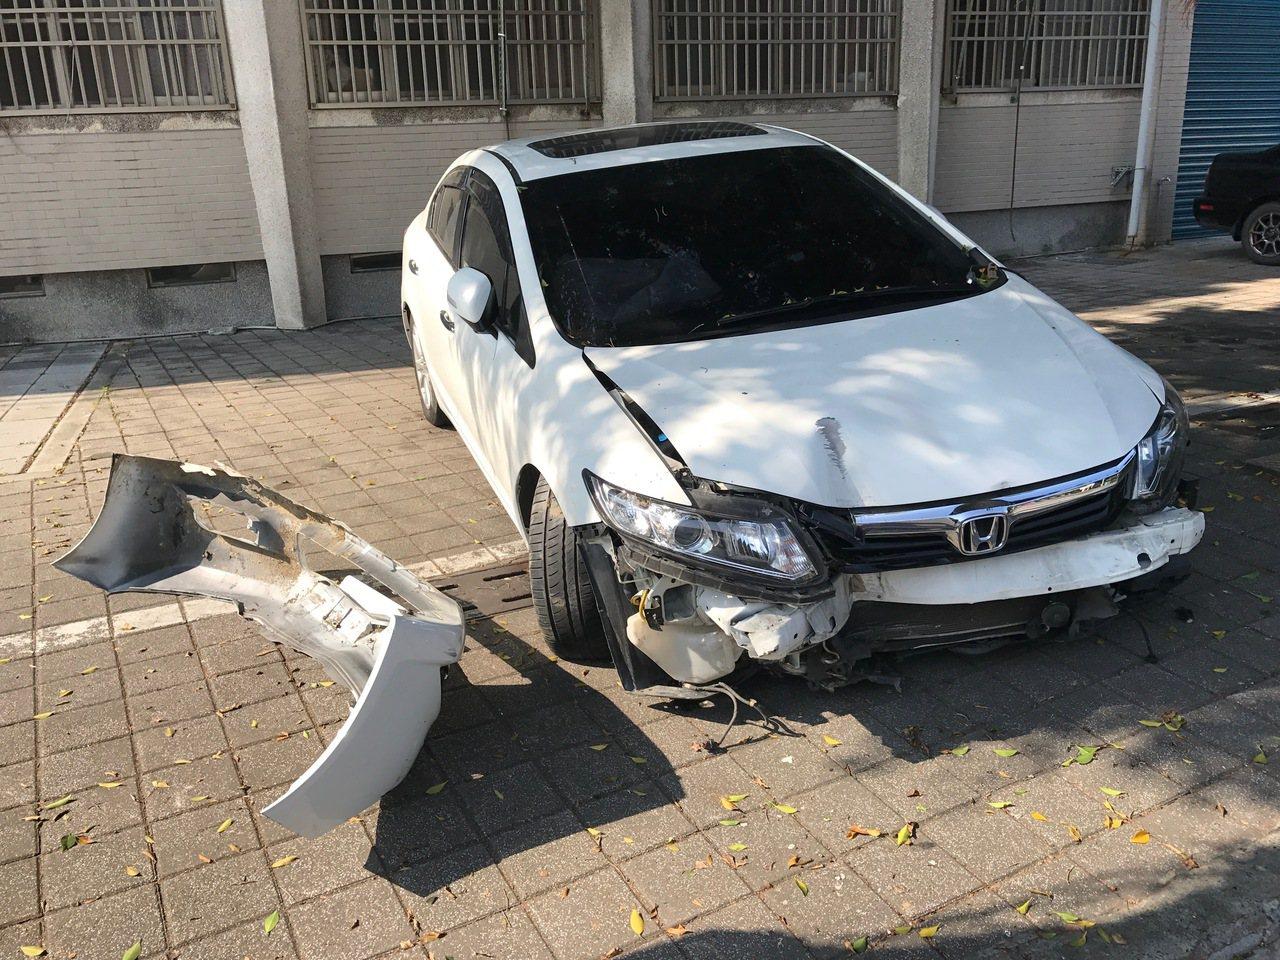 李女酒駕自撞,車頭撞毀。記者劉星君/攝影